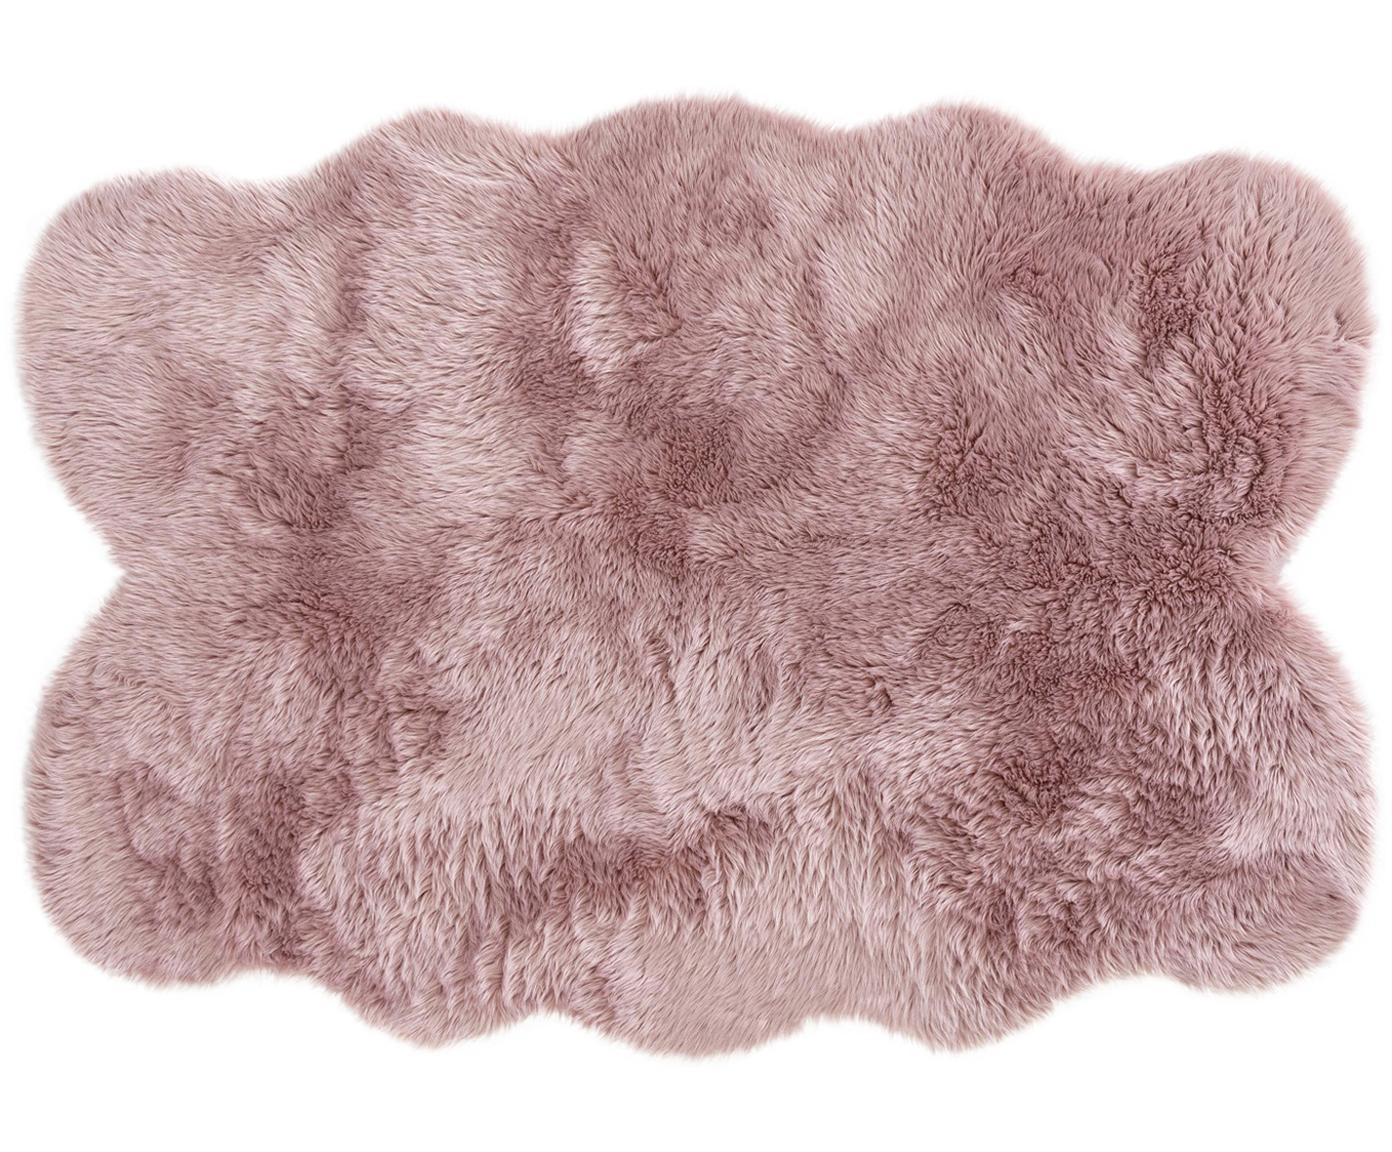 Alfombra piel sintética Elmo, Parte superior: 50%acrílico, 50%poliést, Reverso: poliéster, Rosa, An 140 x L 200 cm (Tamaño S)